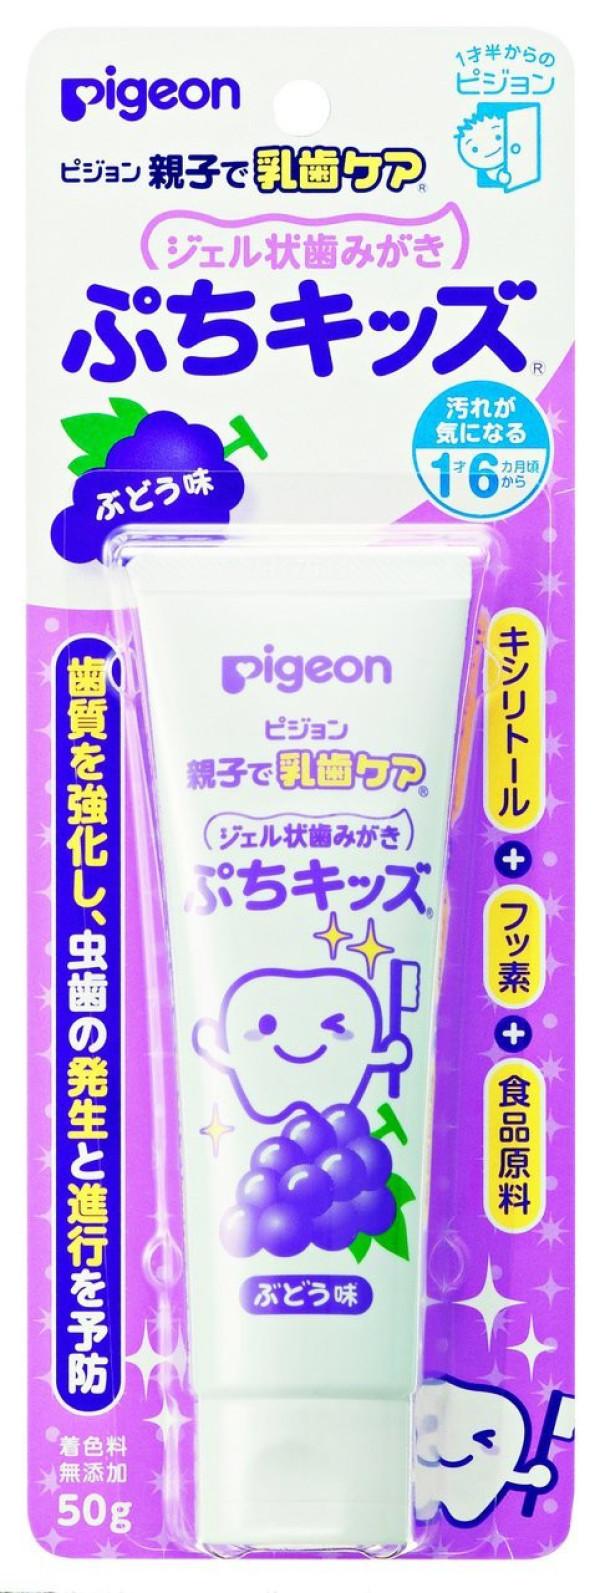 Гель Pigeon для чистки молочных зубов со вкусом клубники